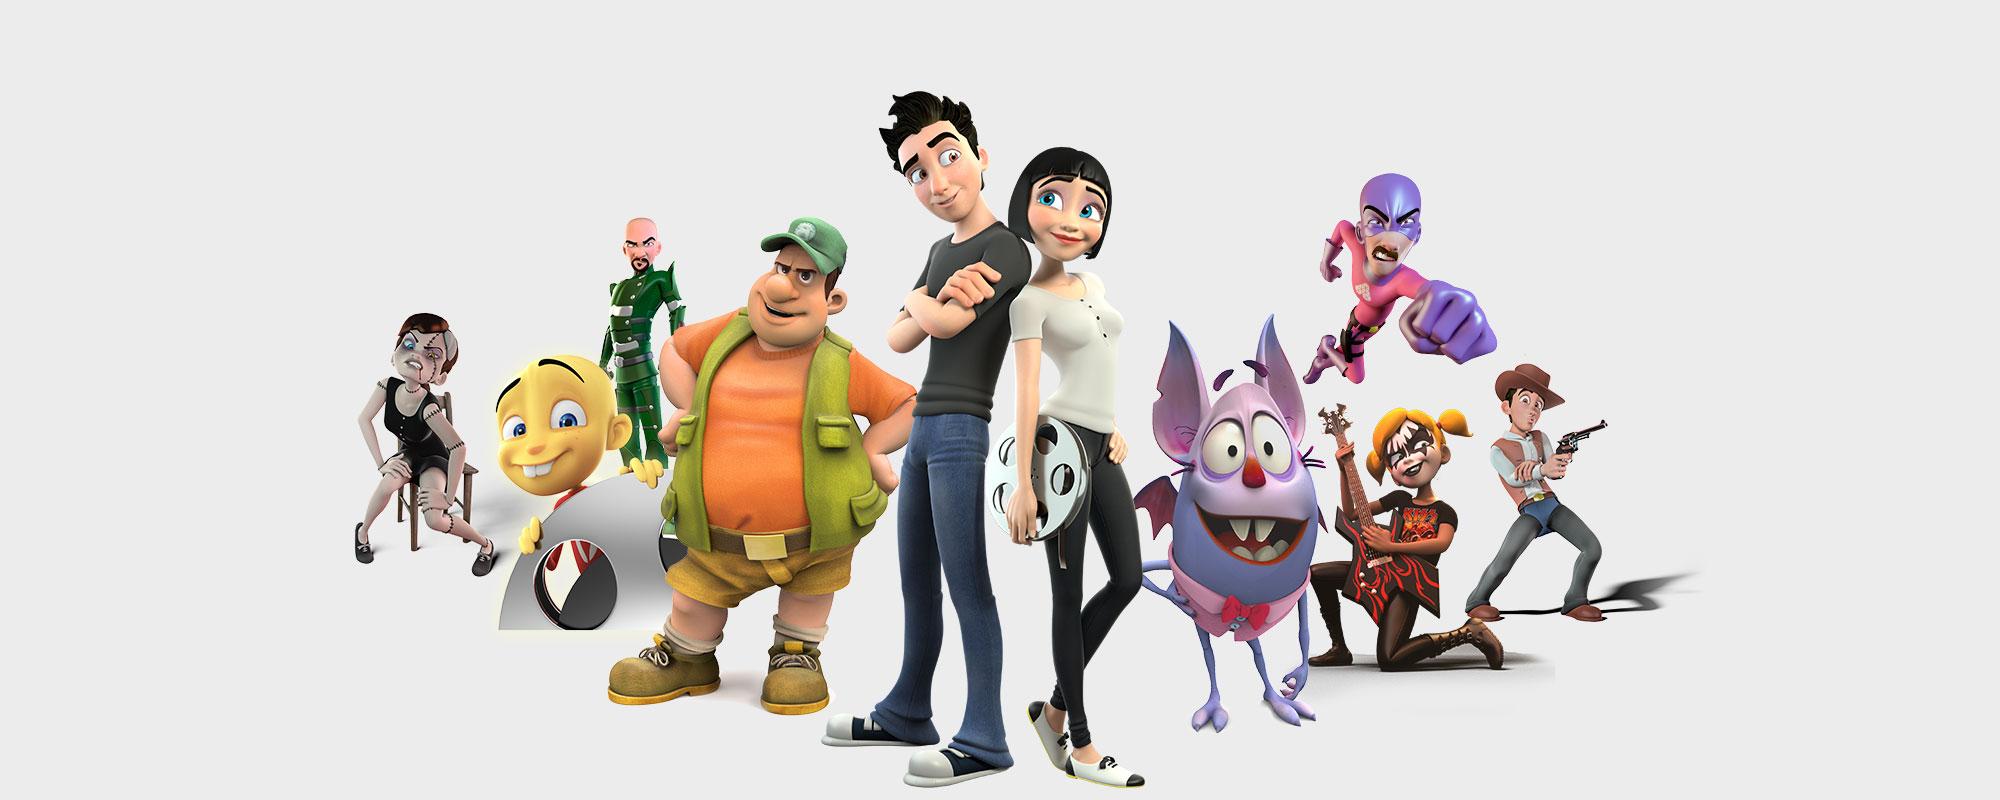 Master online animaci n personajes 3d cine - Imagenes con animacion ...